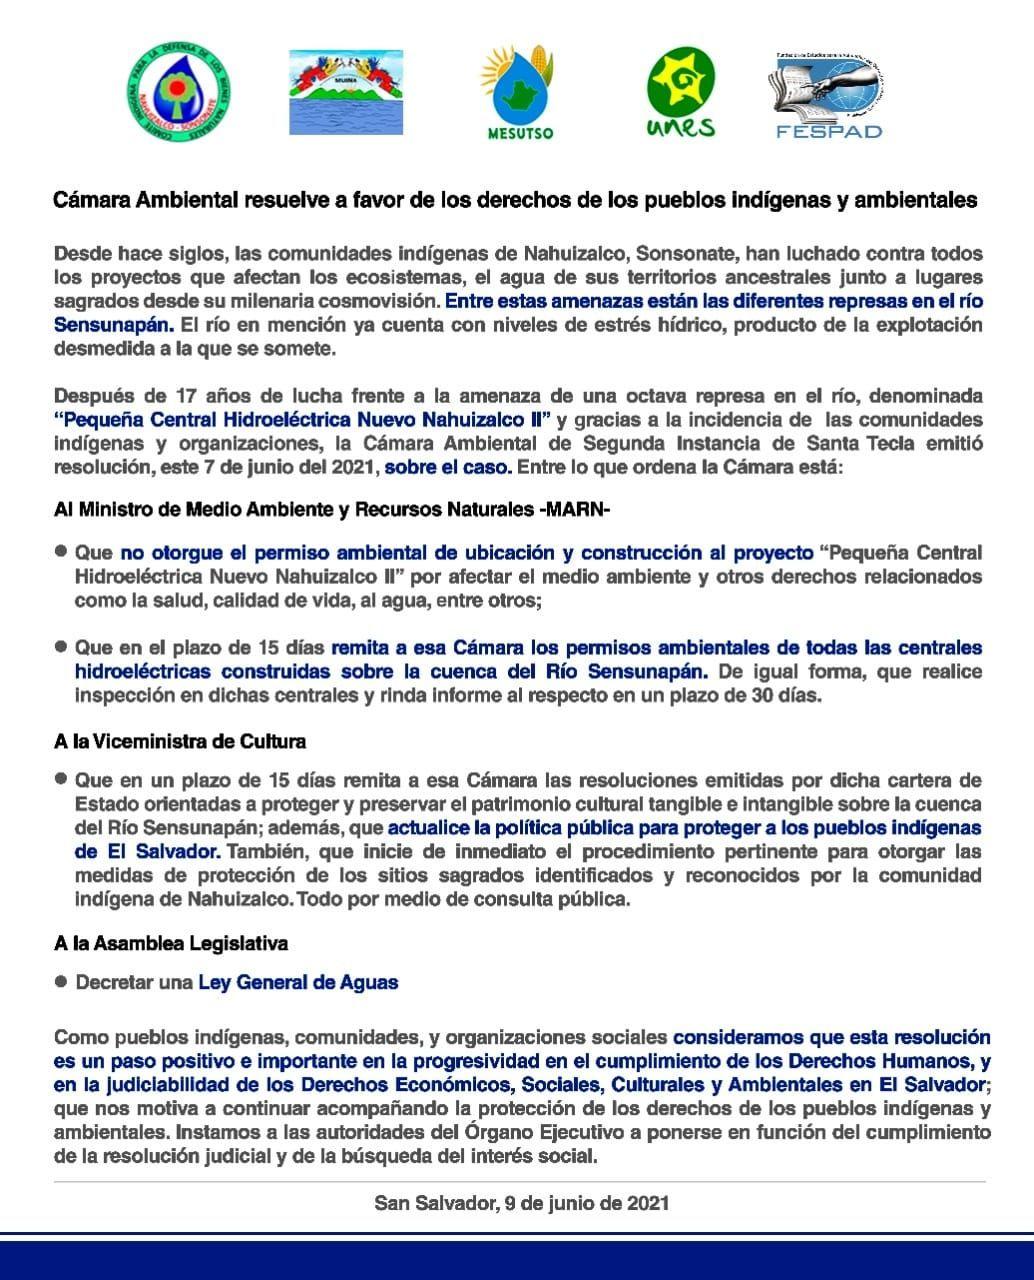 Cámara Ambiental resuelve a favor de los derechos de los pueblos indígenas y ambientales